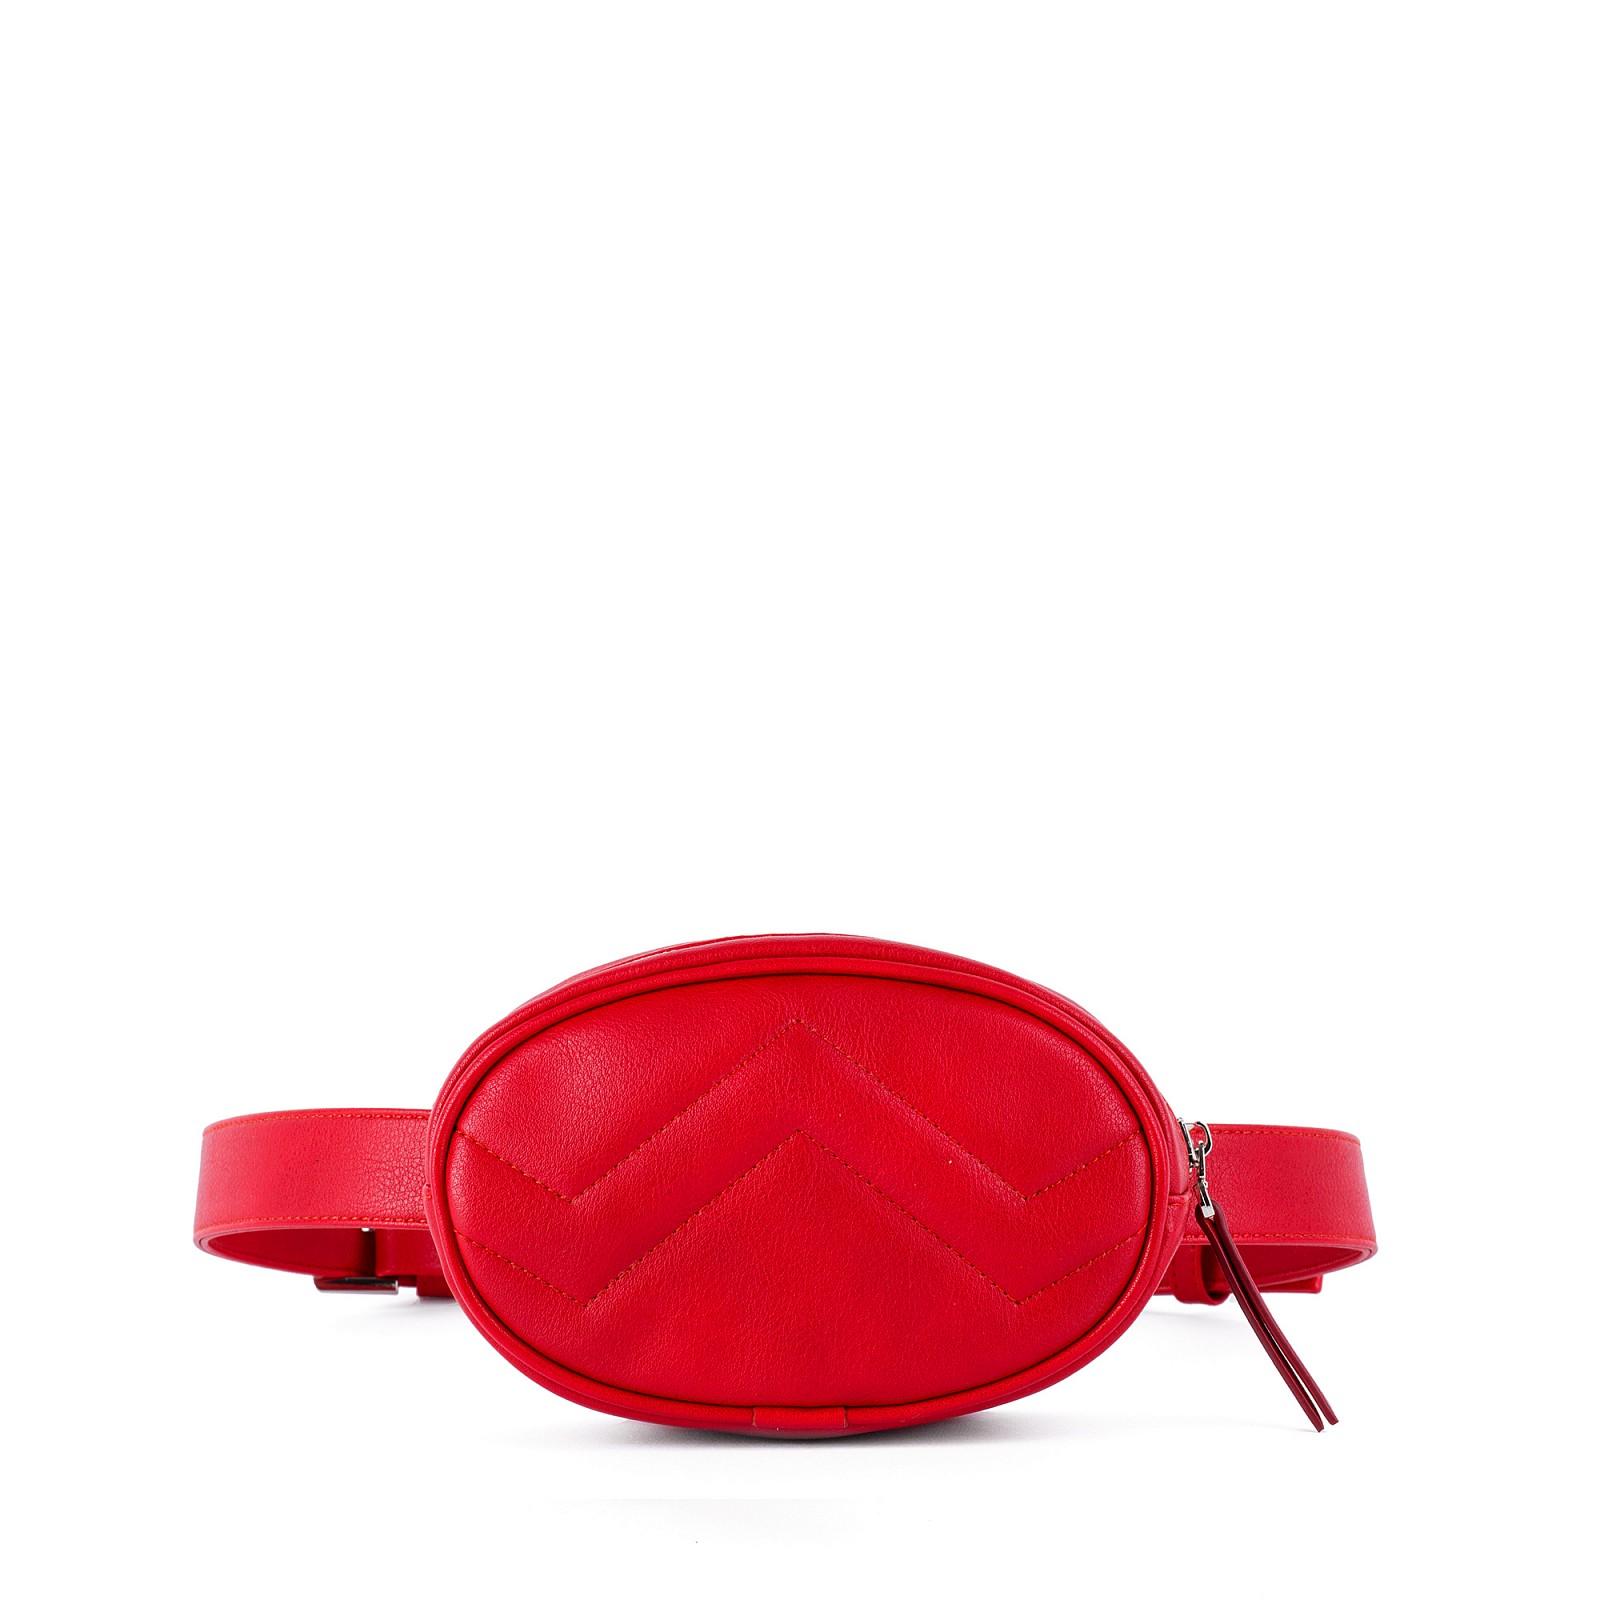 Маленькая красная женская сумка на пояс / через плечо Грифон 674